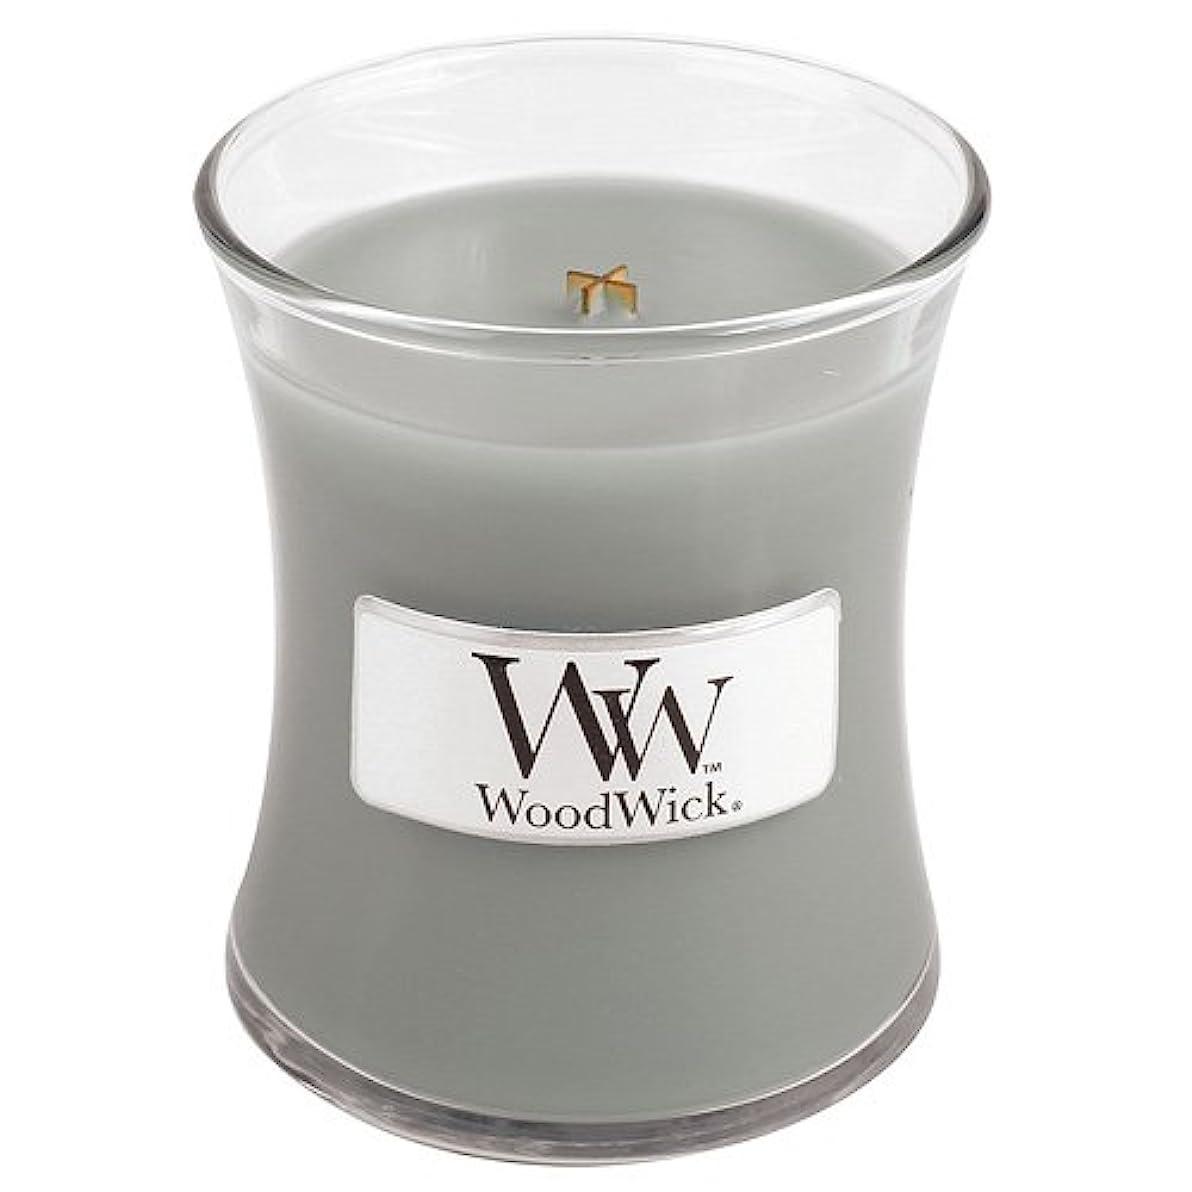 同意連隊最もWoodwick Mini Fireside Candle 3.4oz by WoodWick